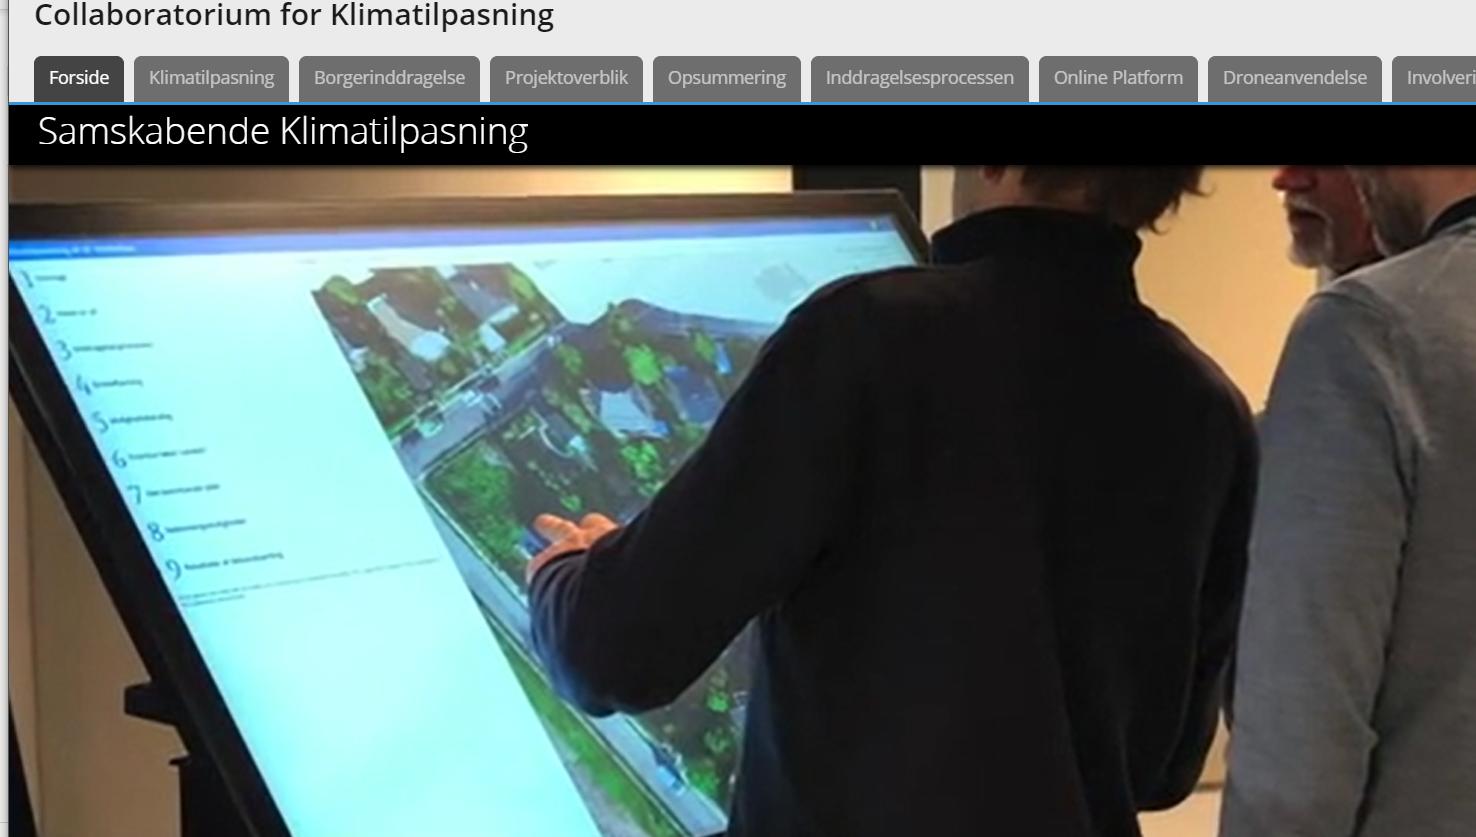 Udklip fra GIS-baseret samskabelsesplatform